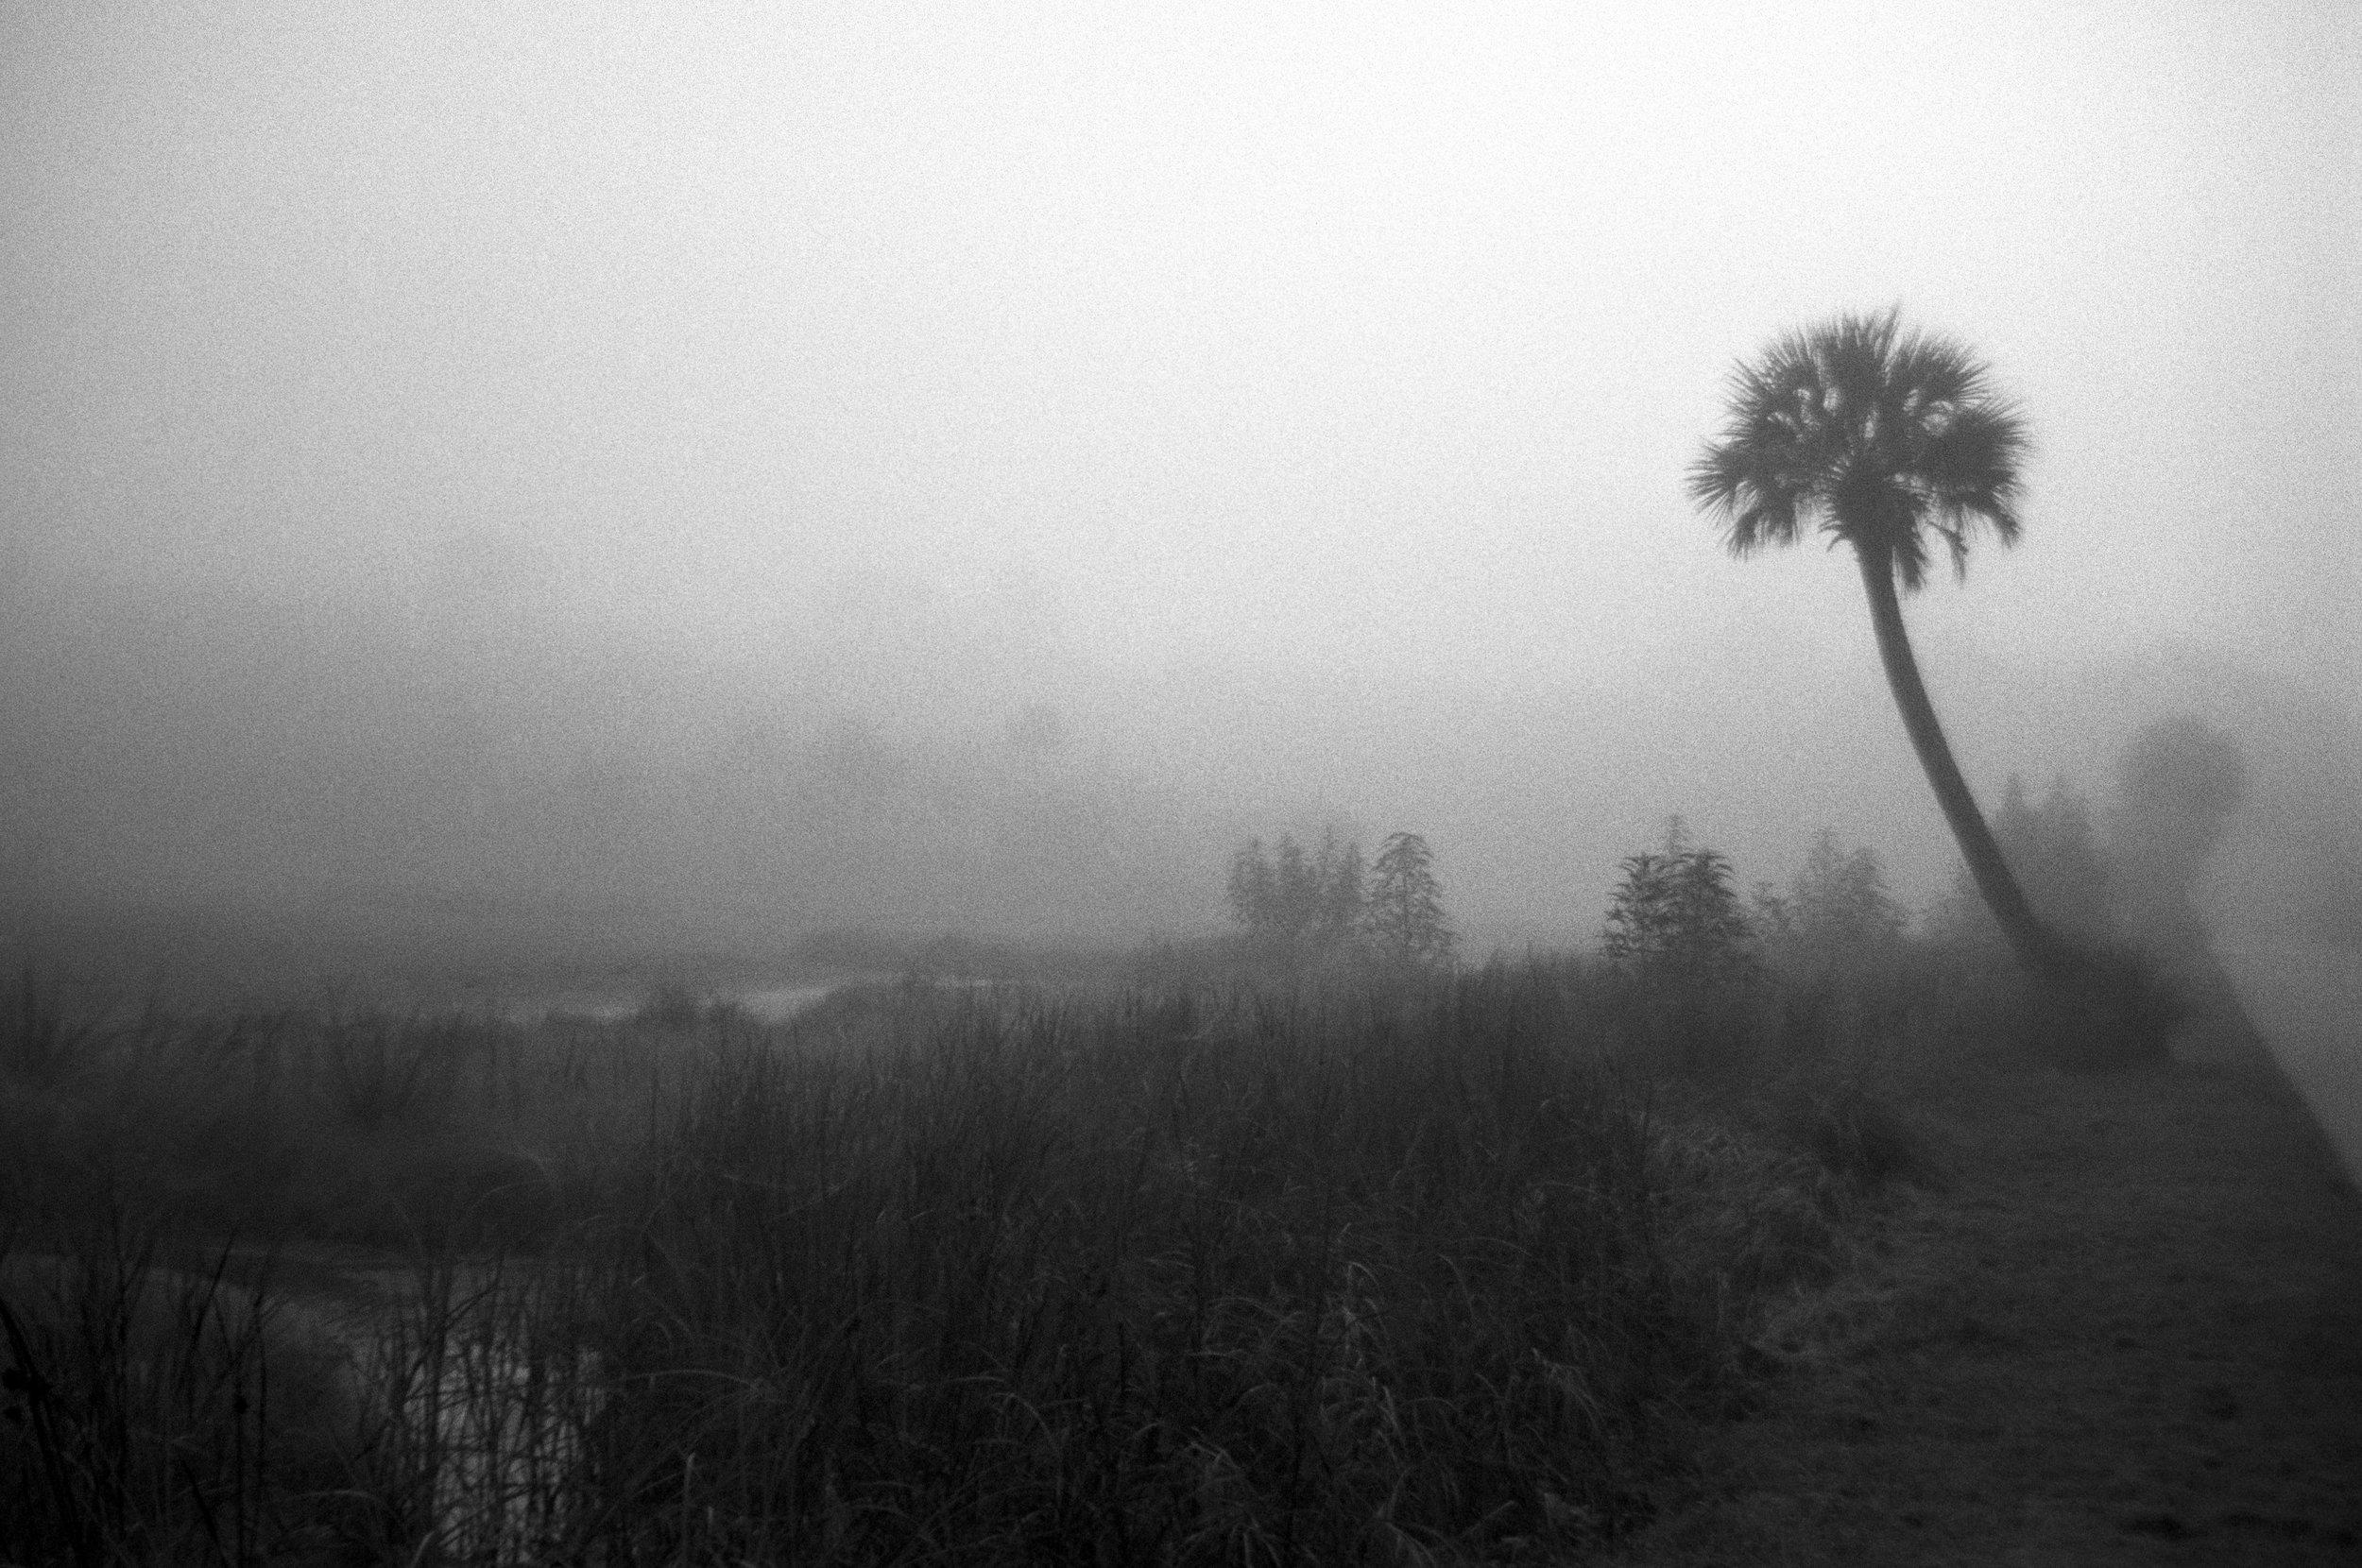 Marshy-fog2_BW.jpg